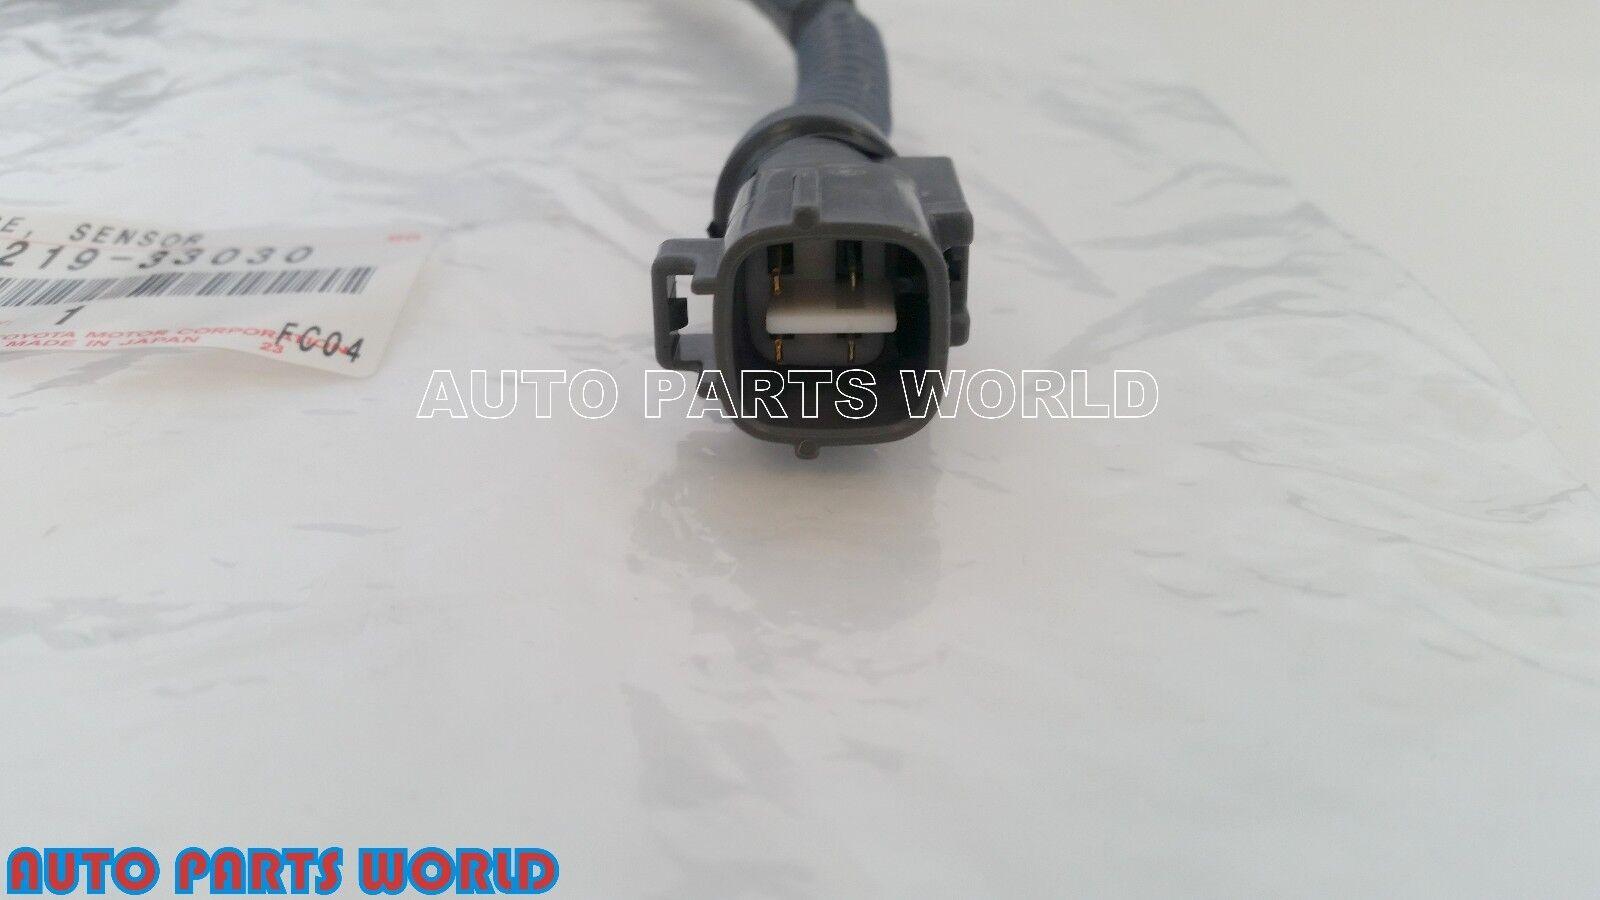 New Genuine Toyota Lexus Oem Knock Sensor Wire Harness 82219 Engine Wiring For 07010 Ebay 33030